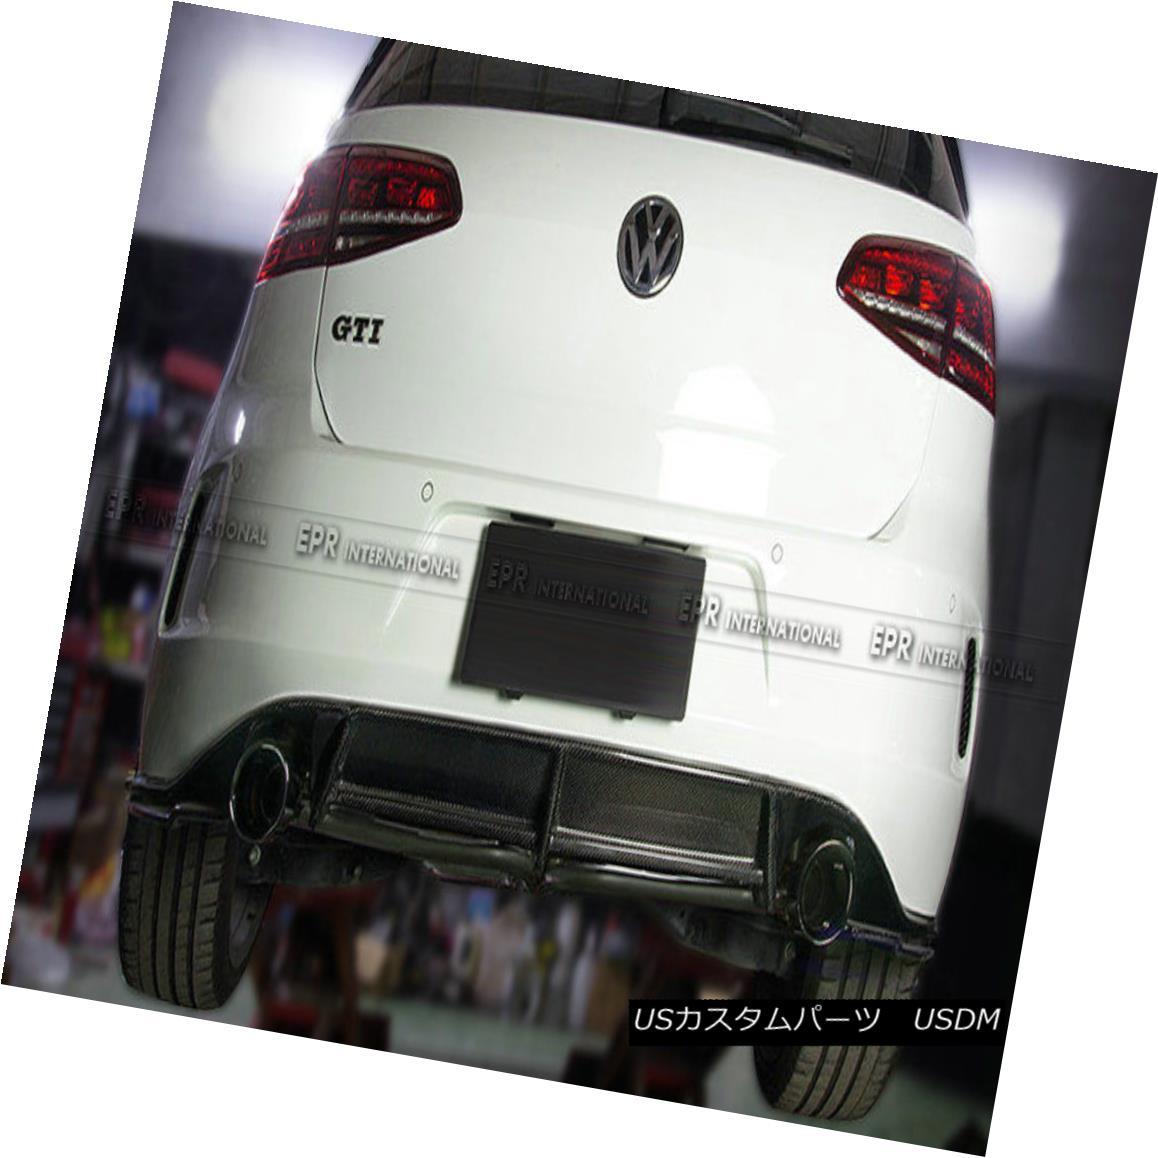 エアロパーツ Carbon Rear Diffuser For Volkswagen VW Golf 7 R Revo Bumper Rear Lip(Fit R Only) フォルクスワーゲンVWゴルフ用カーボンリアディフューザー7 R Revo Bumperリアリップ(フィットRのみ)